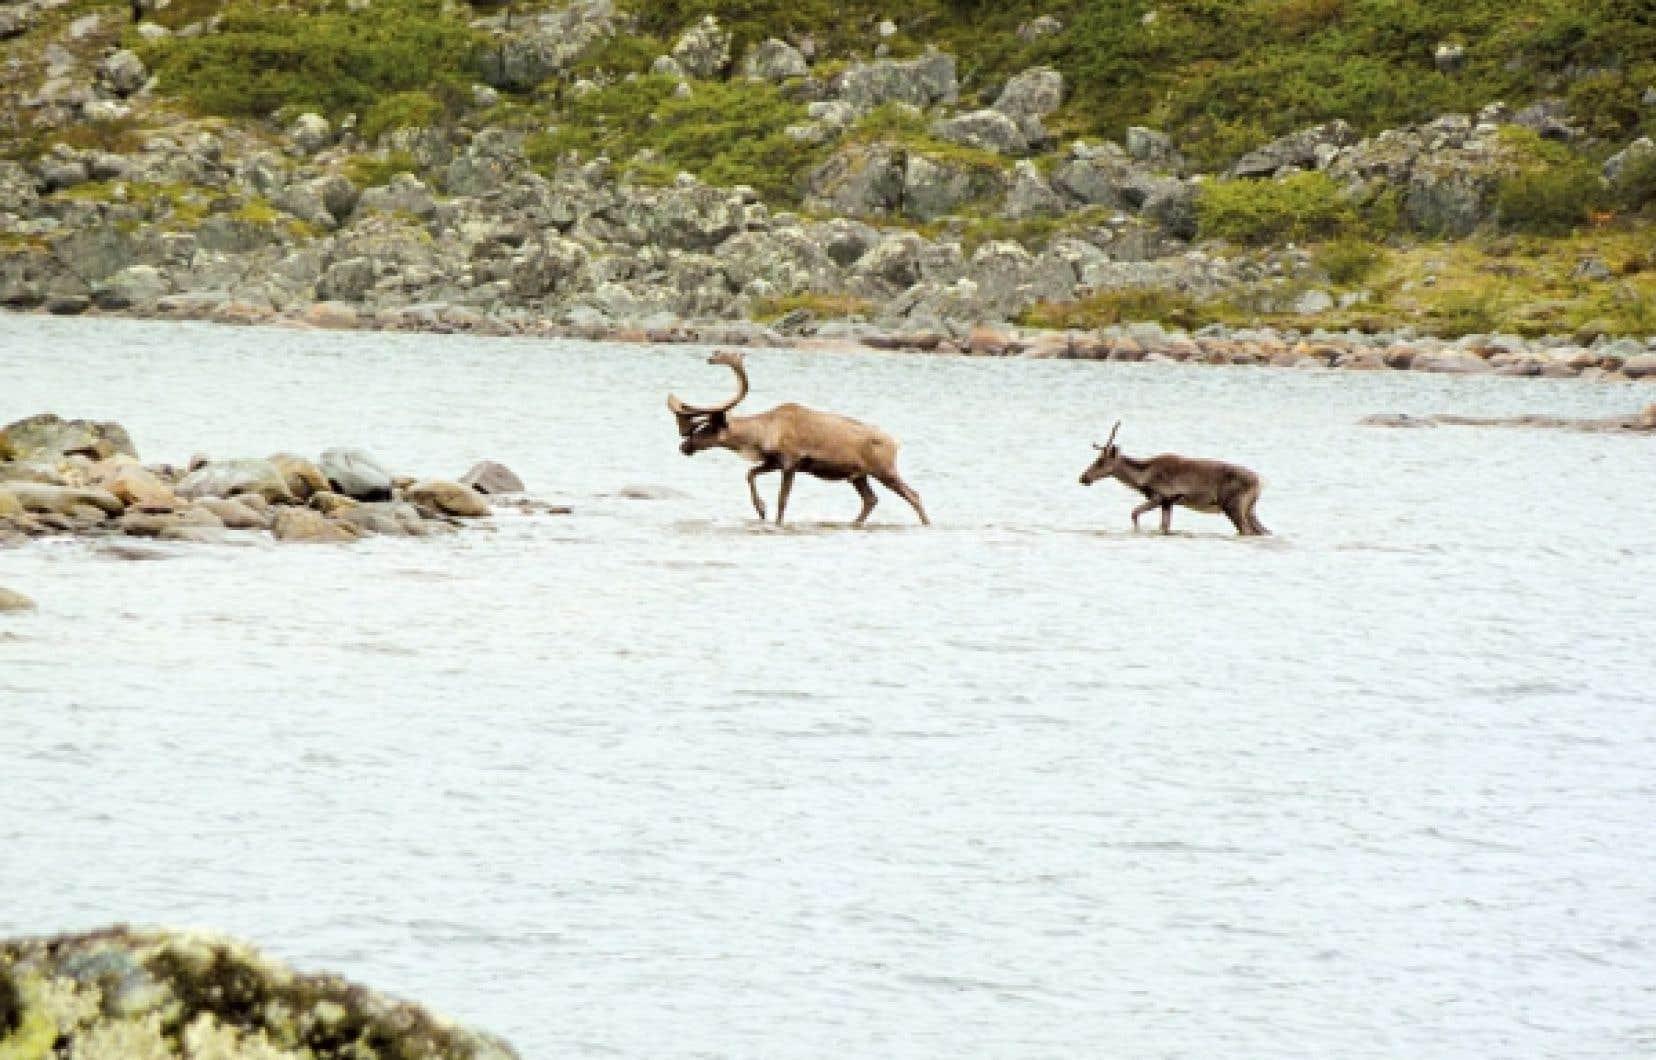 Des caribous traversant un lac au nord du 60e parallèle, au Québec. La population du caribou forestier, une sous-espèce qui vit un peu plus au sud en forêt boréale, est désignée vulnérable depuis 2005.